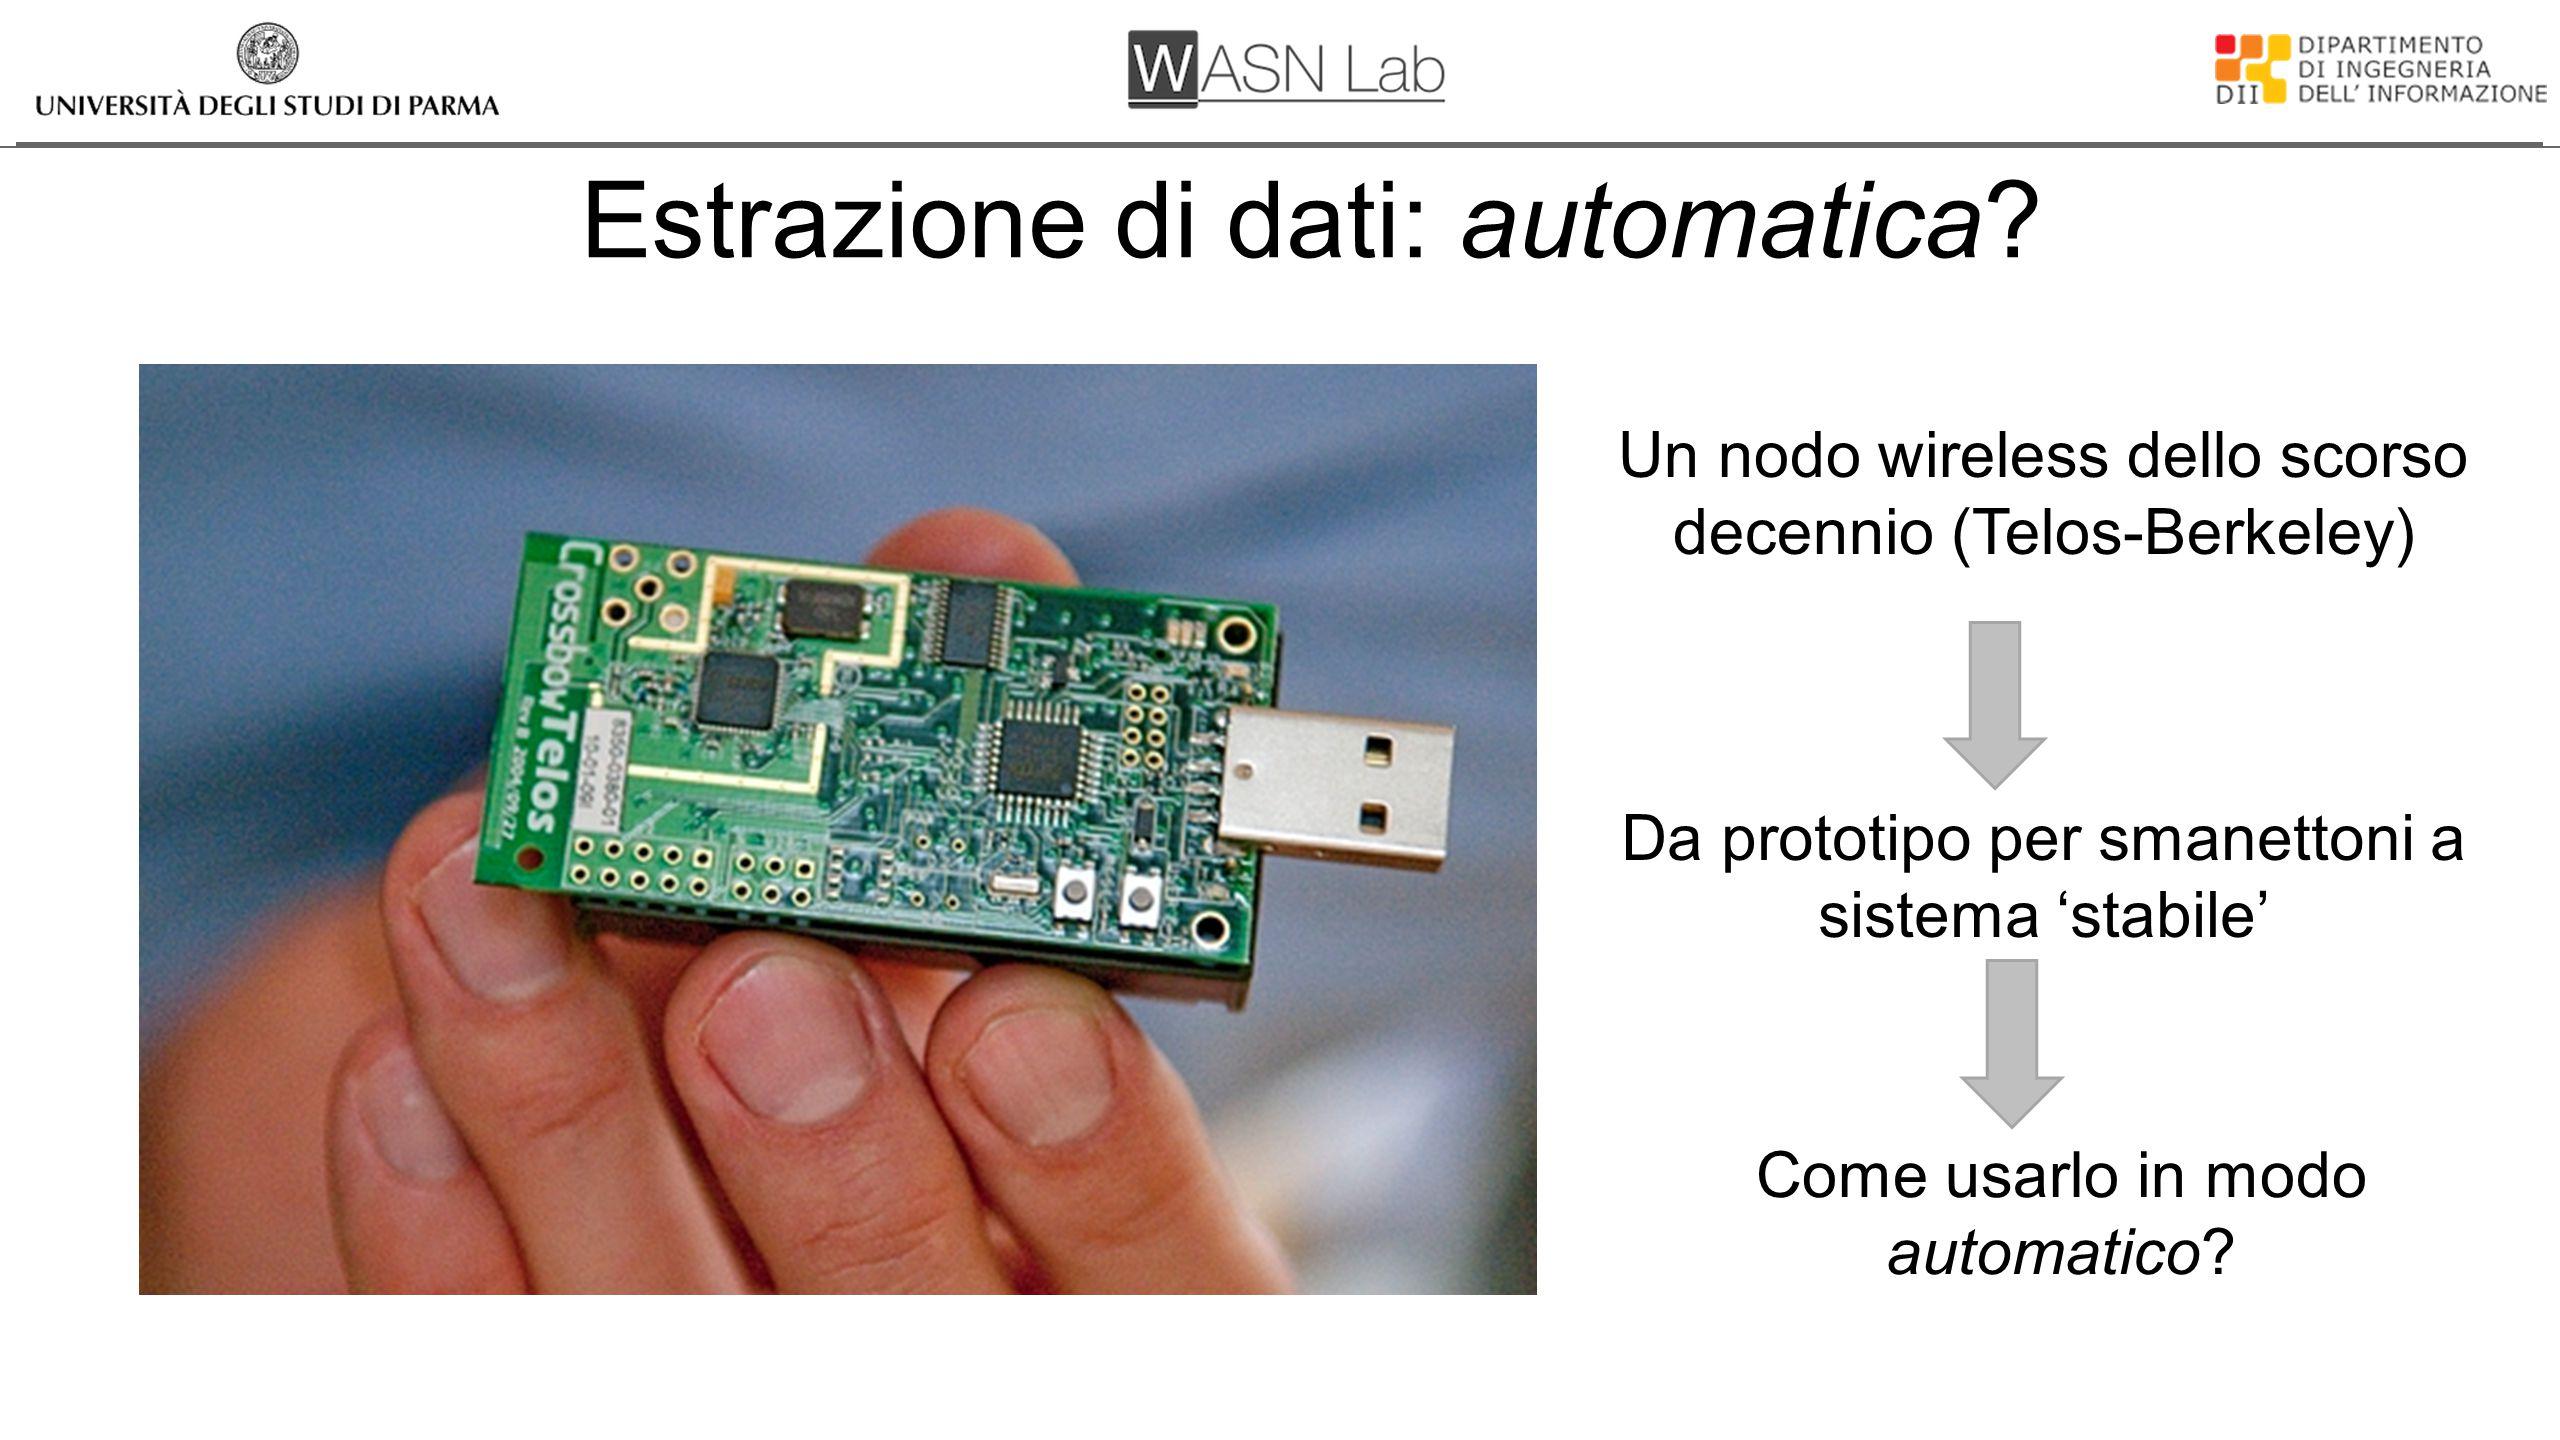 Estrazione di dati: automatica